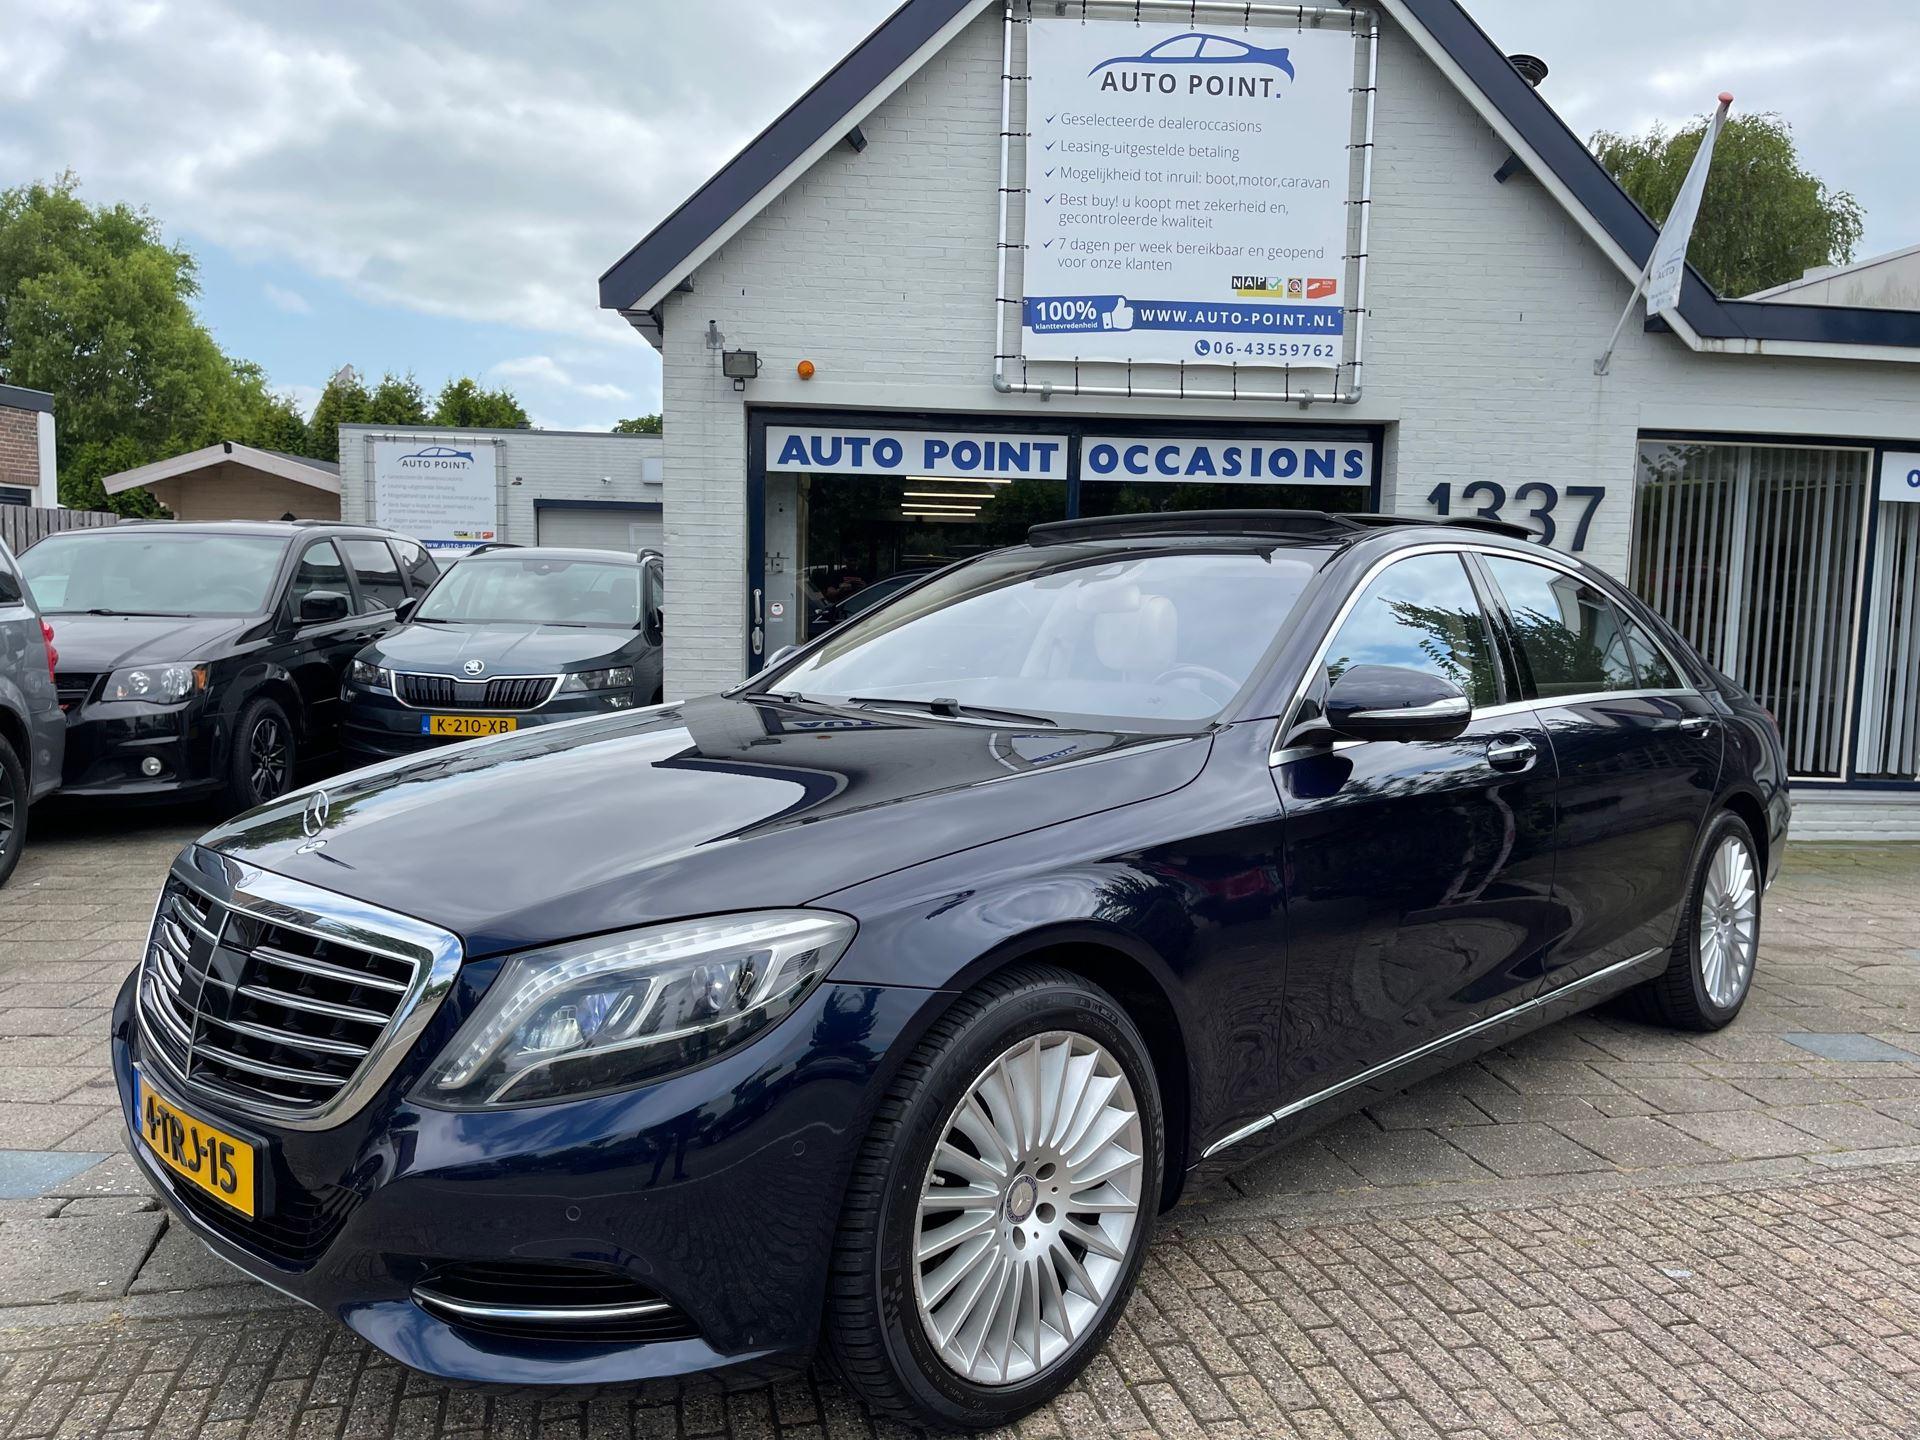 Mercedes-Benz S-klasse occasion - Auto Point